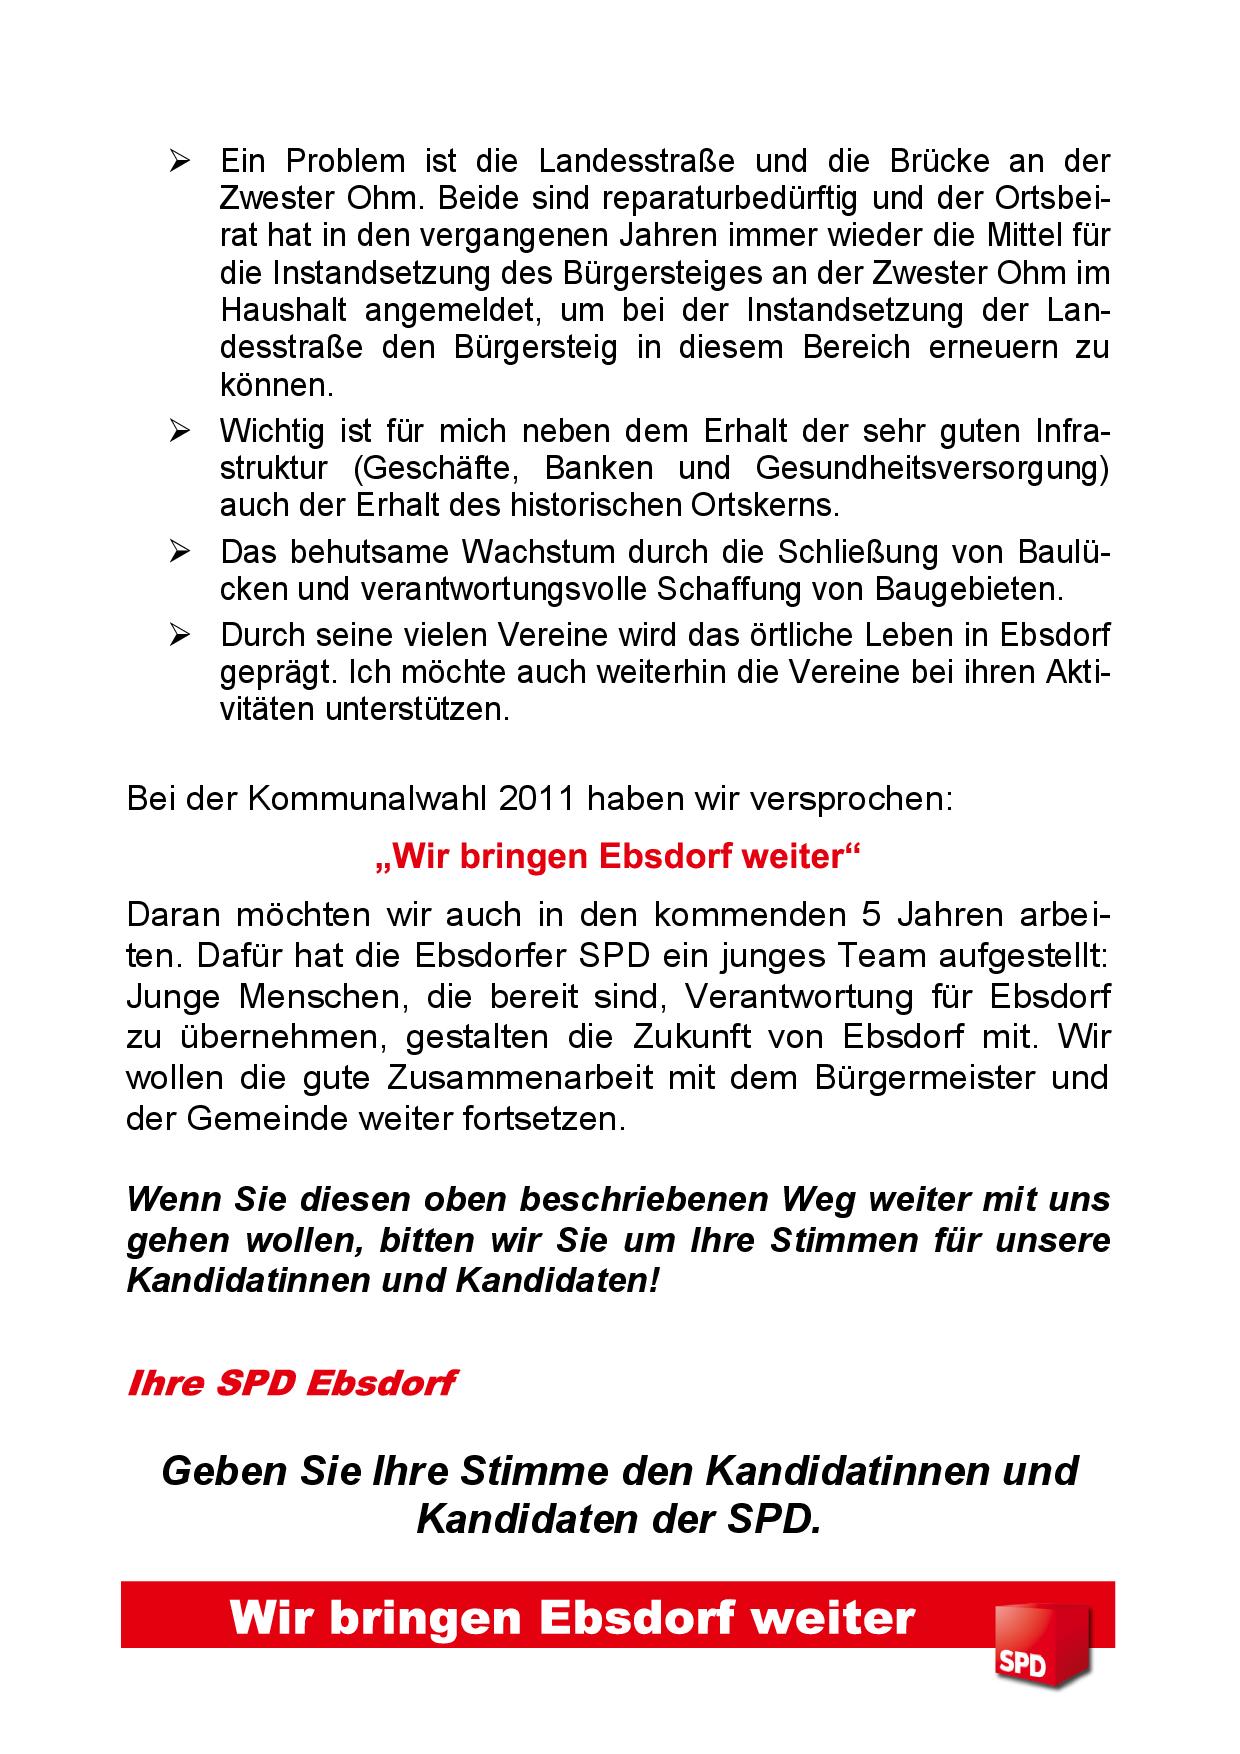 SPD_Kommunalwahl_2016_3